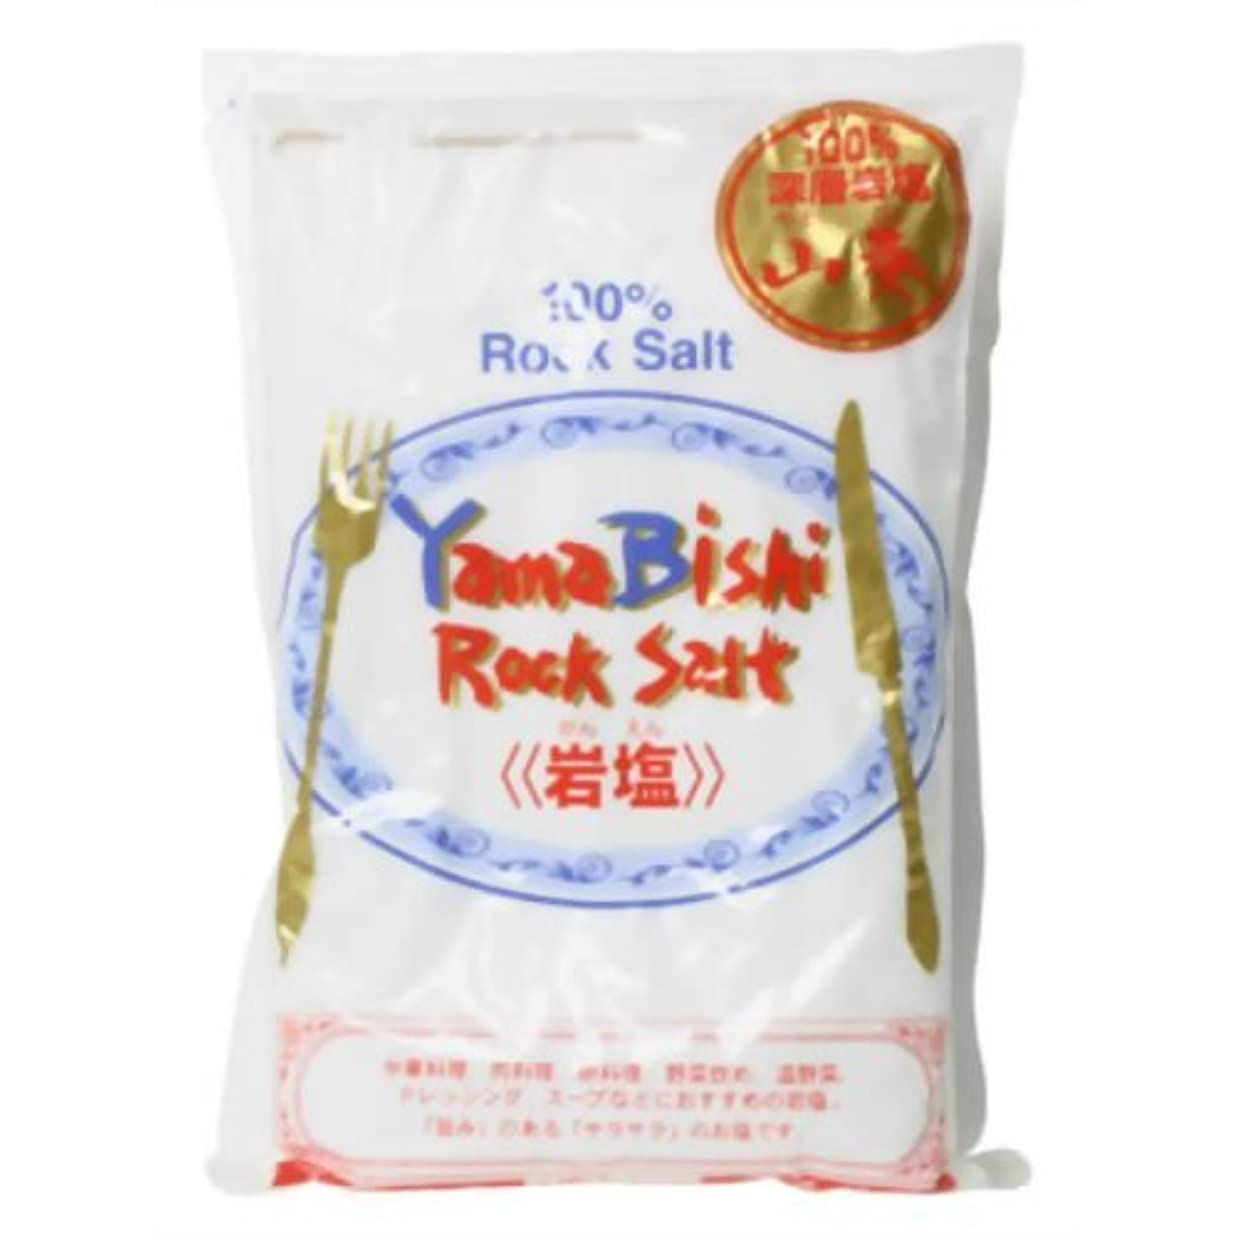 シンポジウムマーチャンダイザーハンディ中国四川省産岩塩 山菱岩塩 1kg